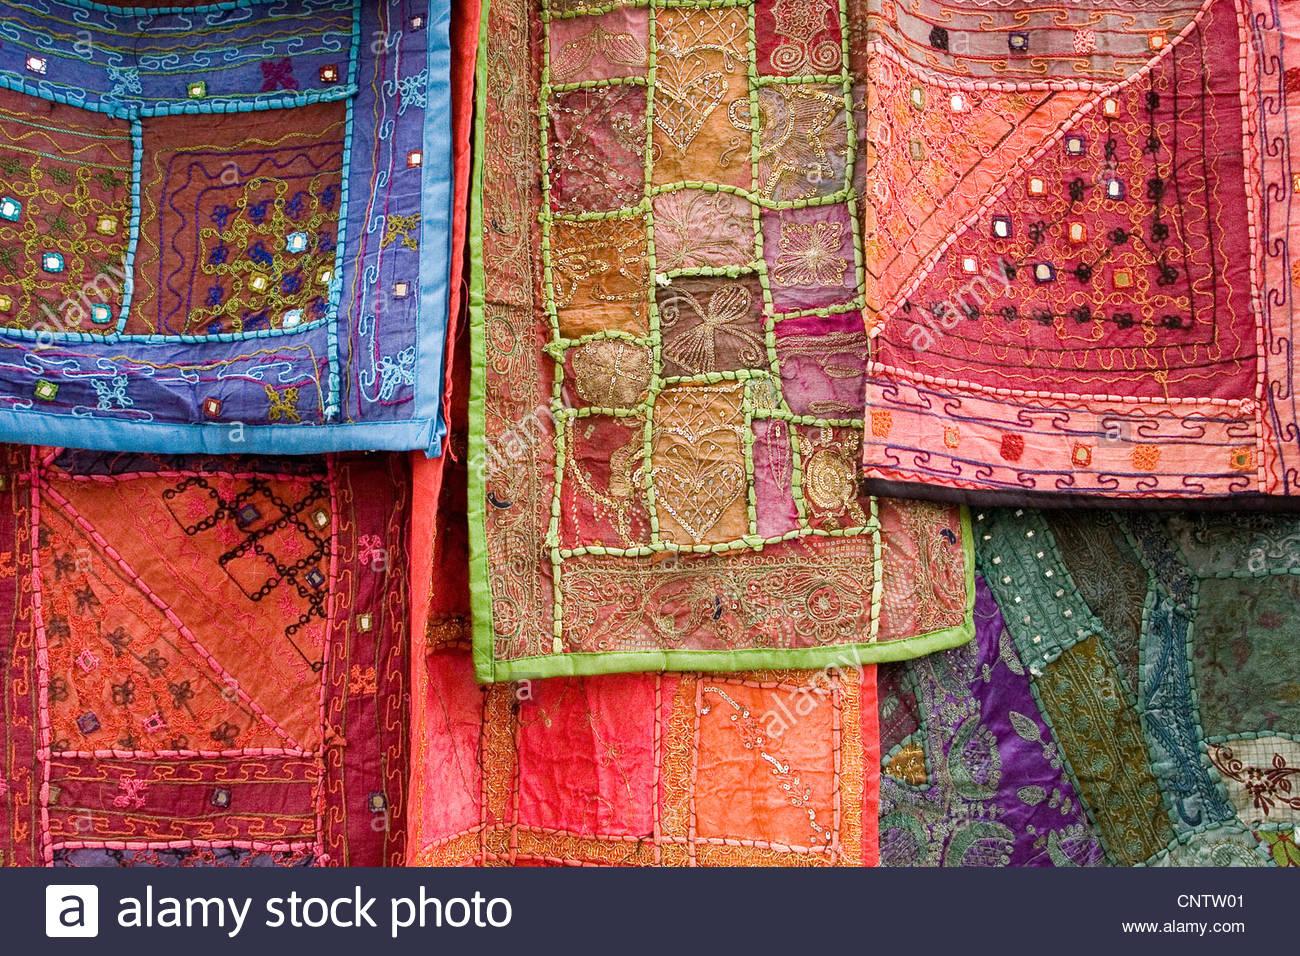 Reich verzierte Wandteppiche hängen zusammen Stockfoto